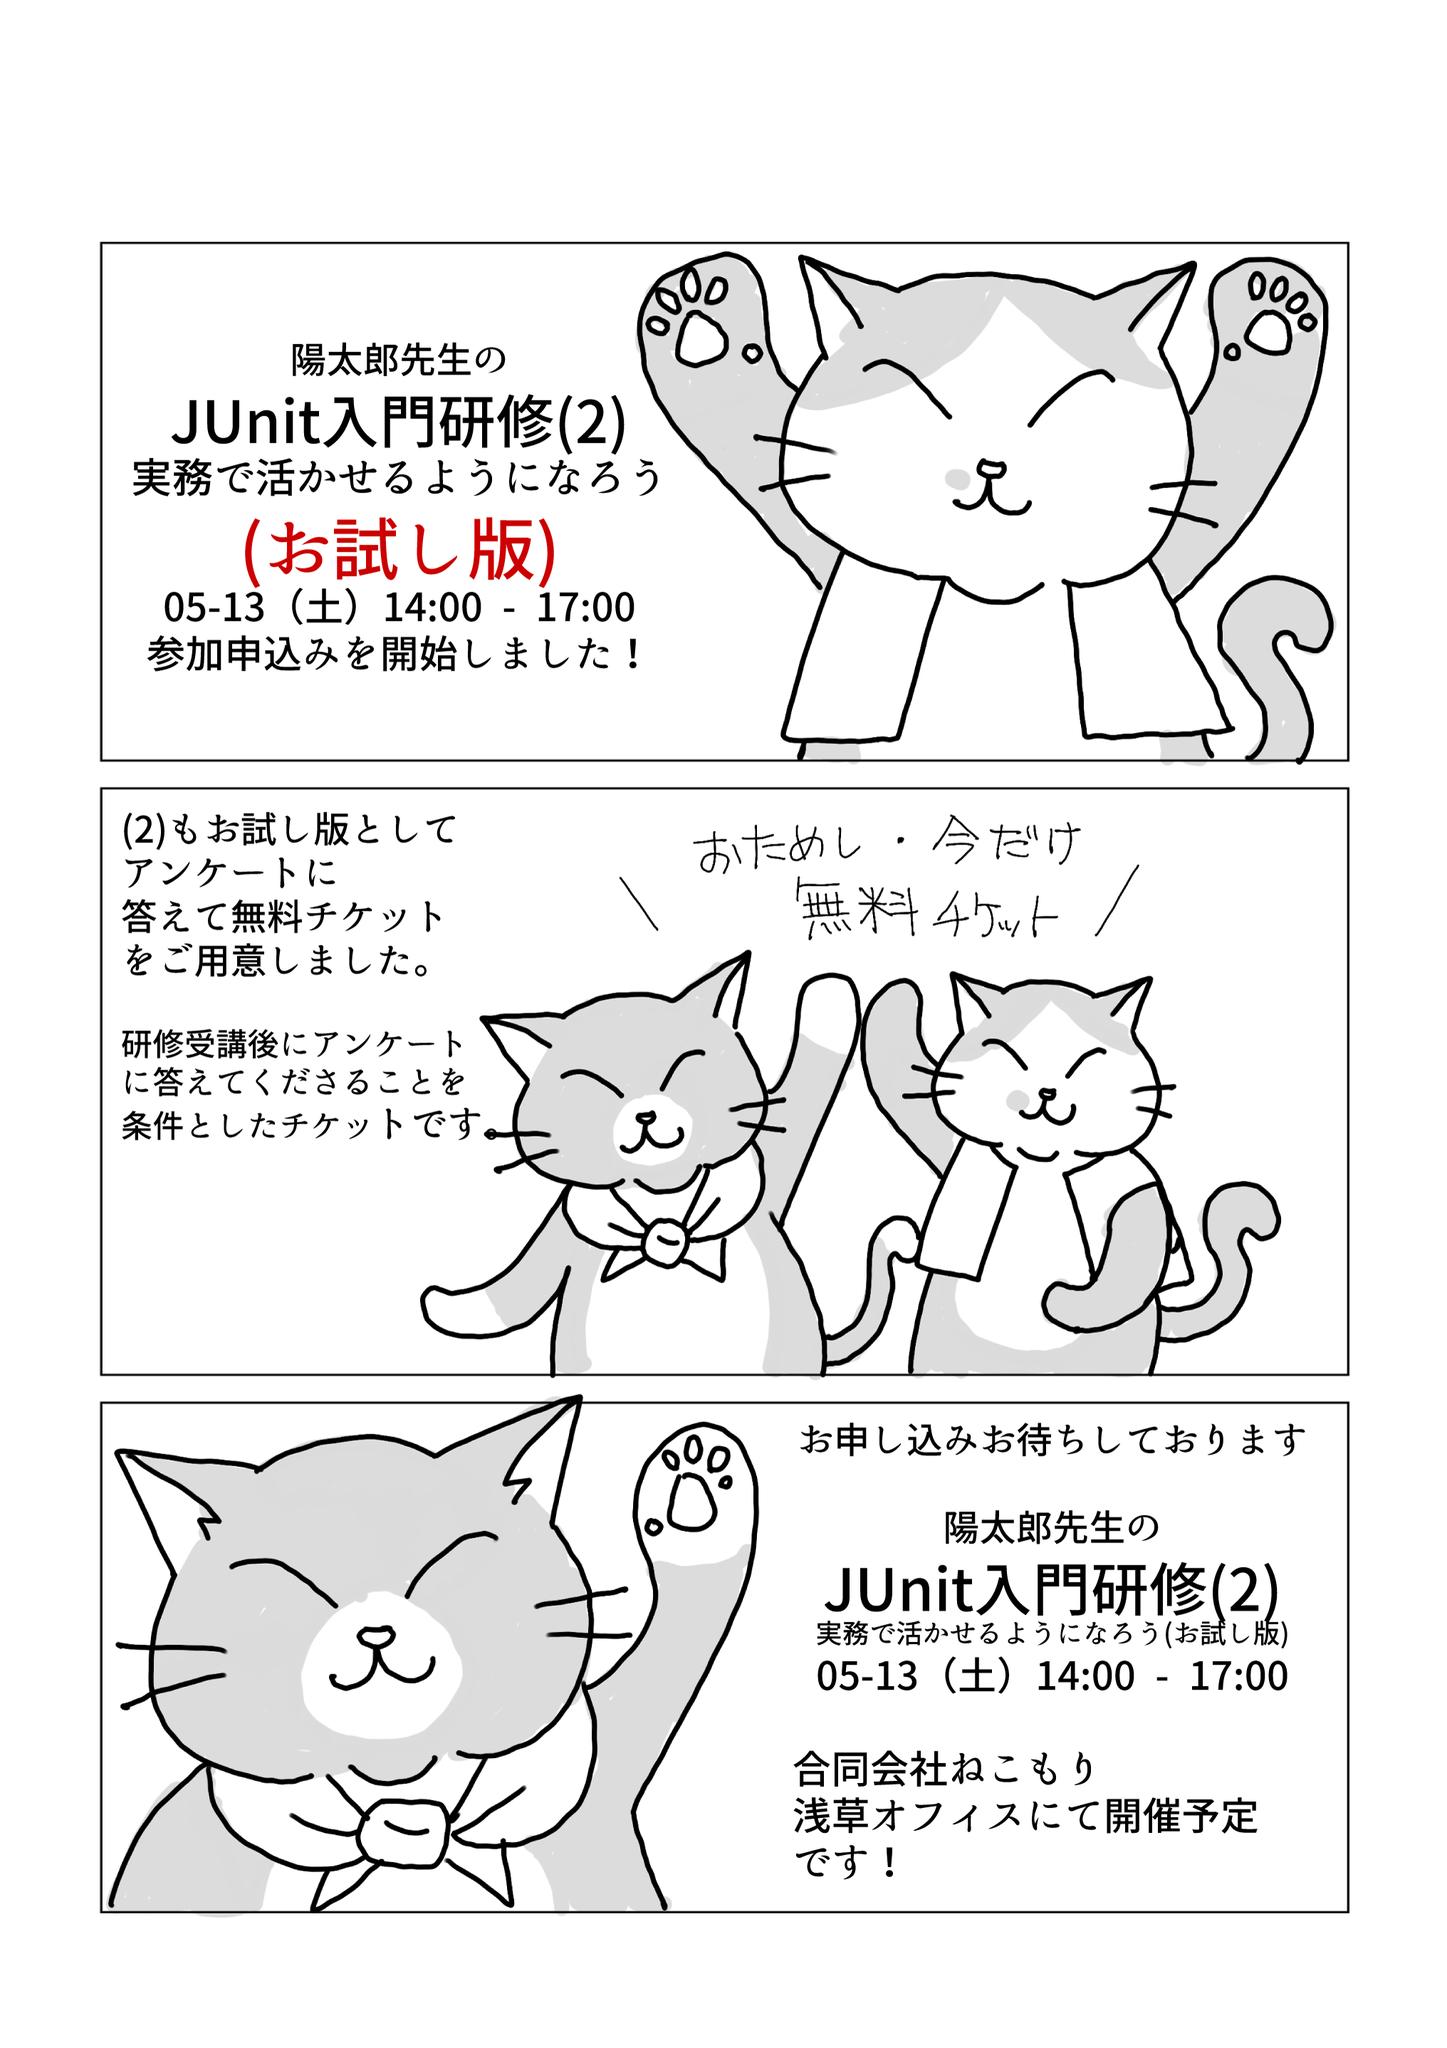 陽太郎先生のJUnit入門研修(2)